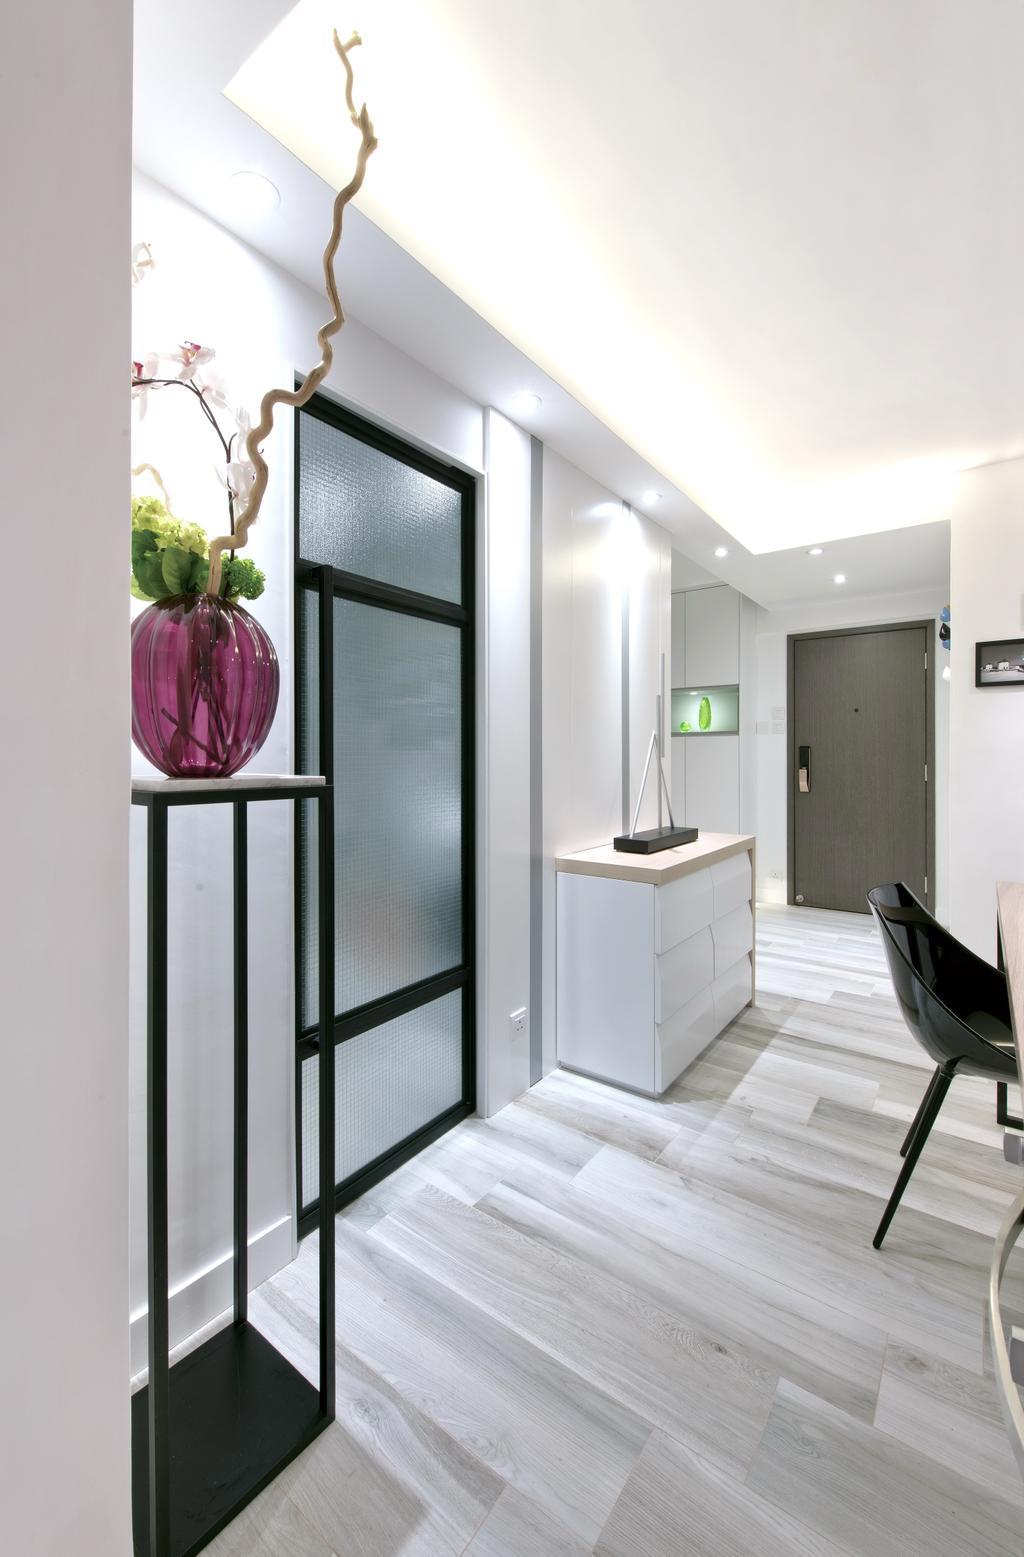 摩登, 私家樓, 客廳, 德福花園, 室內設計師, Space Design, 簡約, Lighting